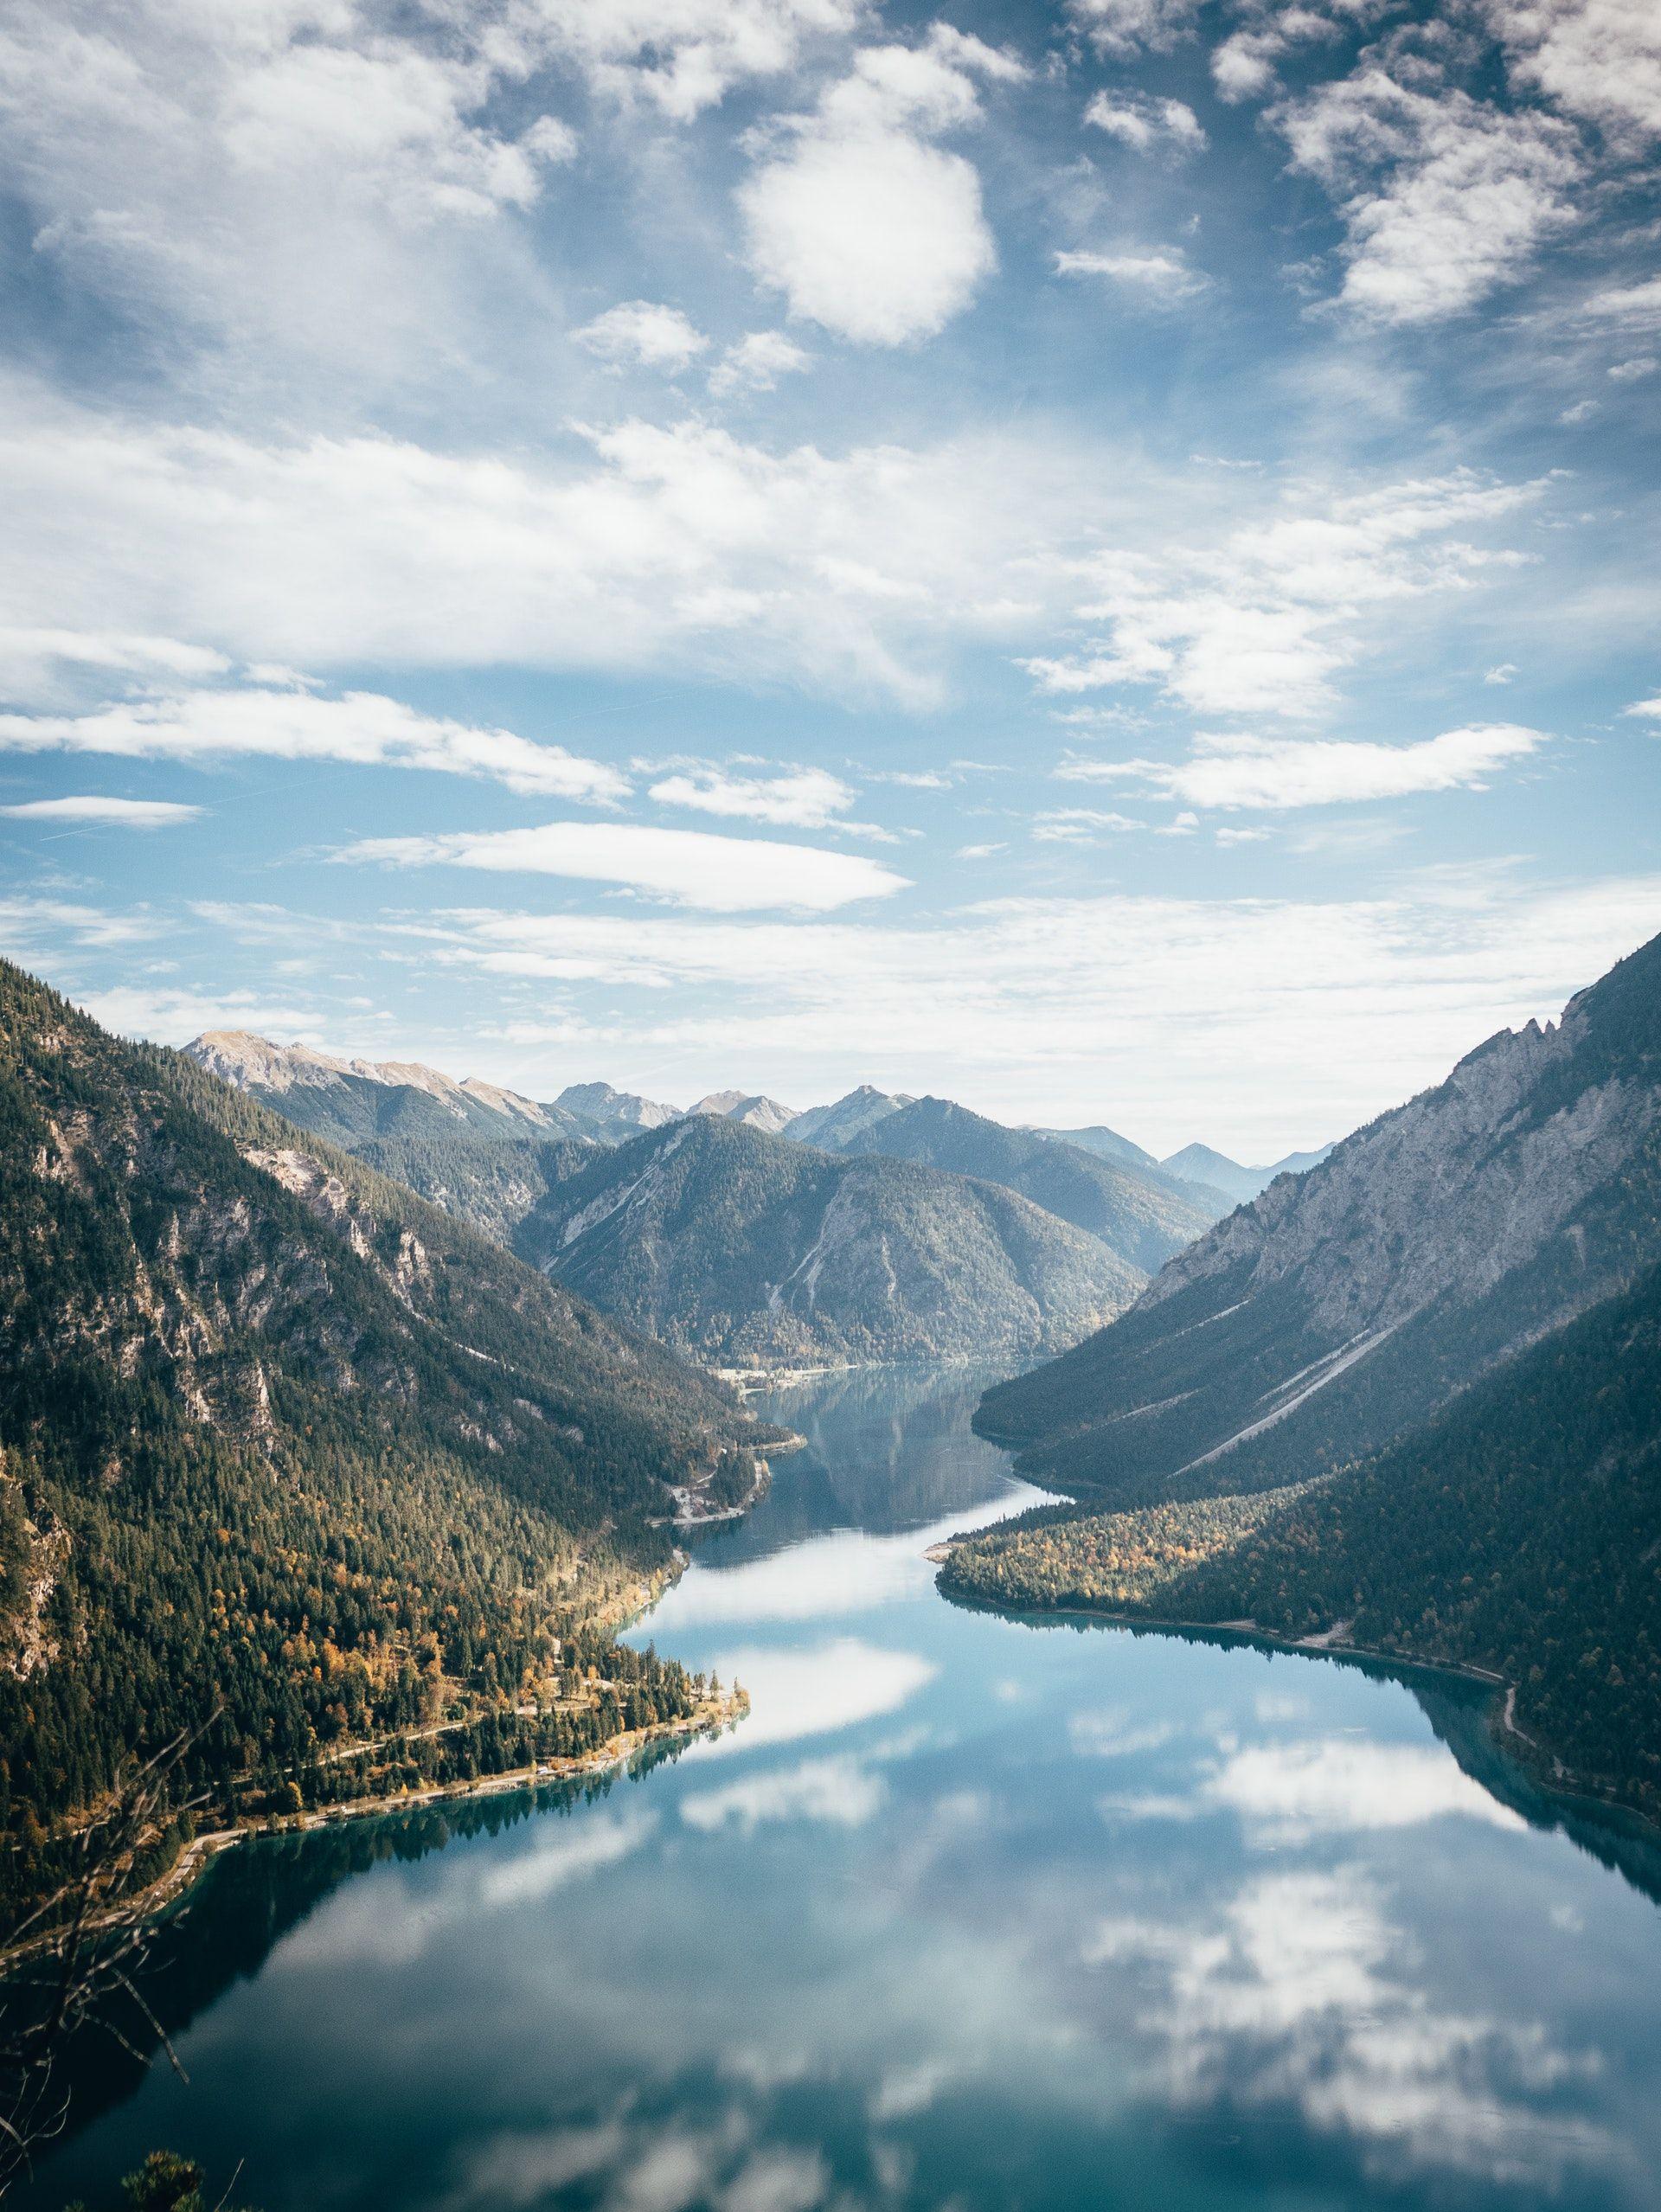 عکس زمینه منظره زیبای کوه در روز پس زمینه